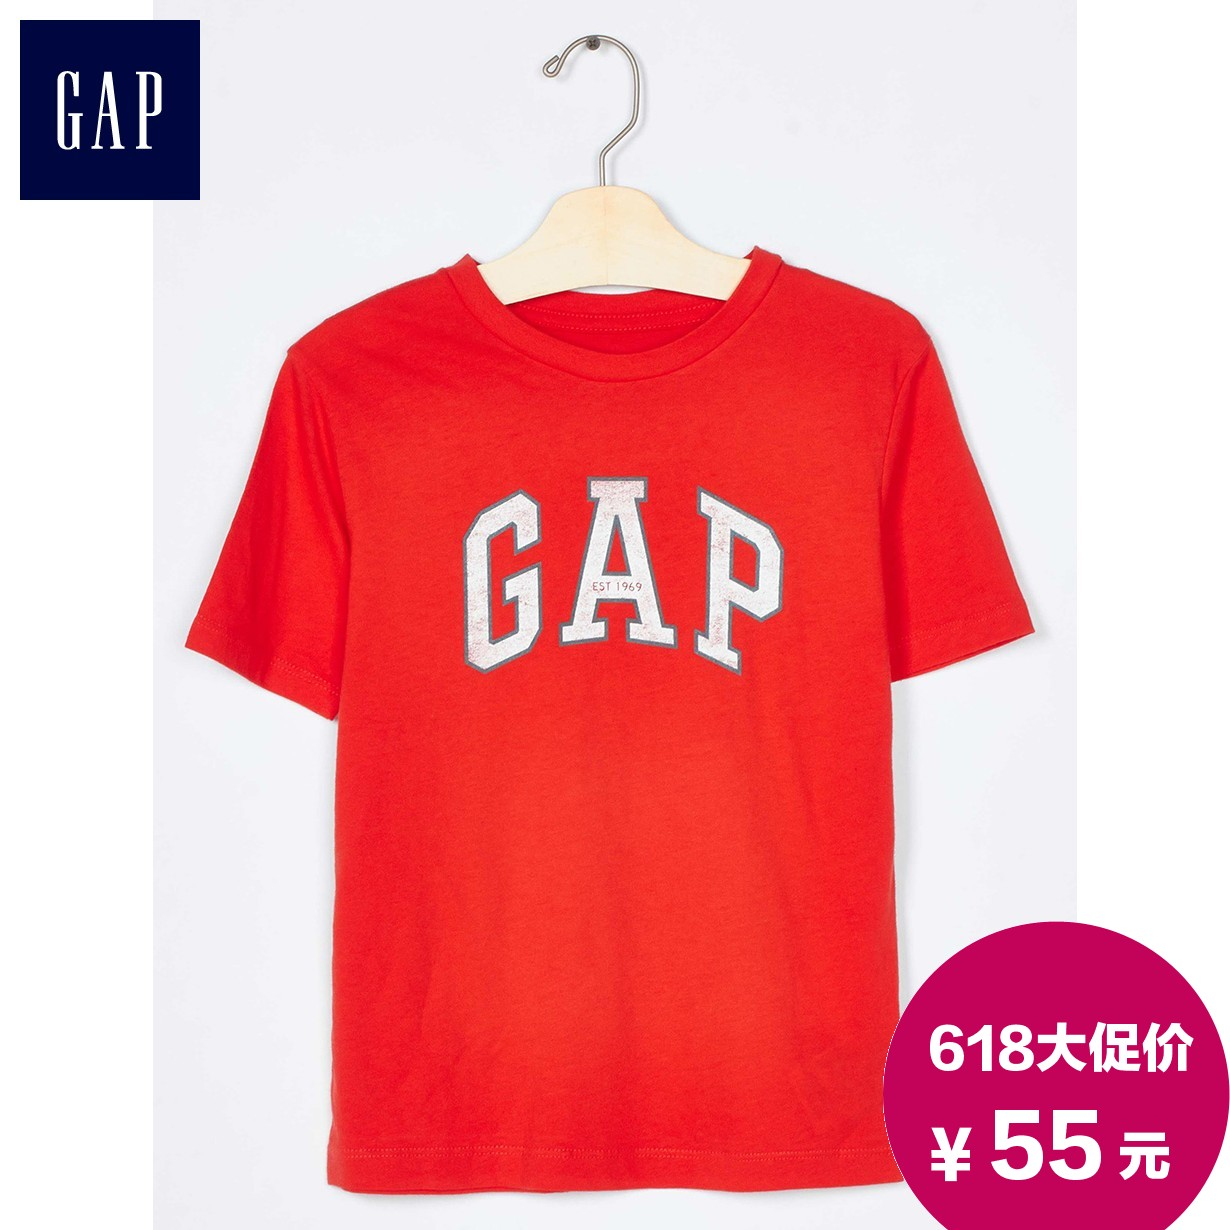 Футболка детская GAP 000408214 408214 79 gap ga020egsym45